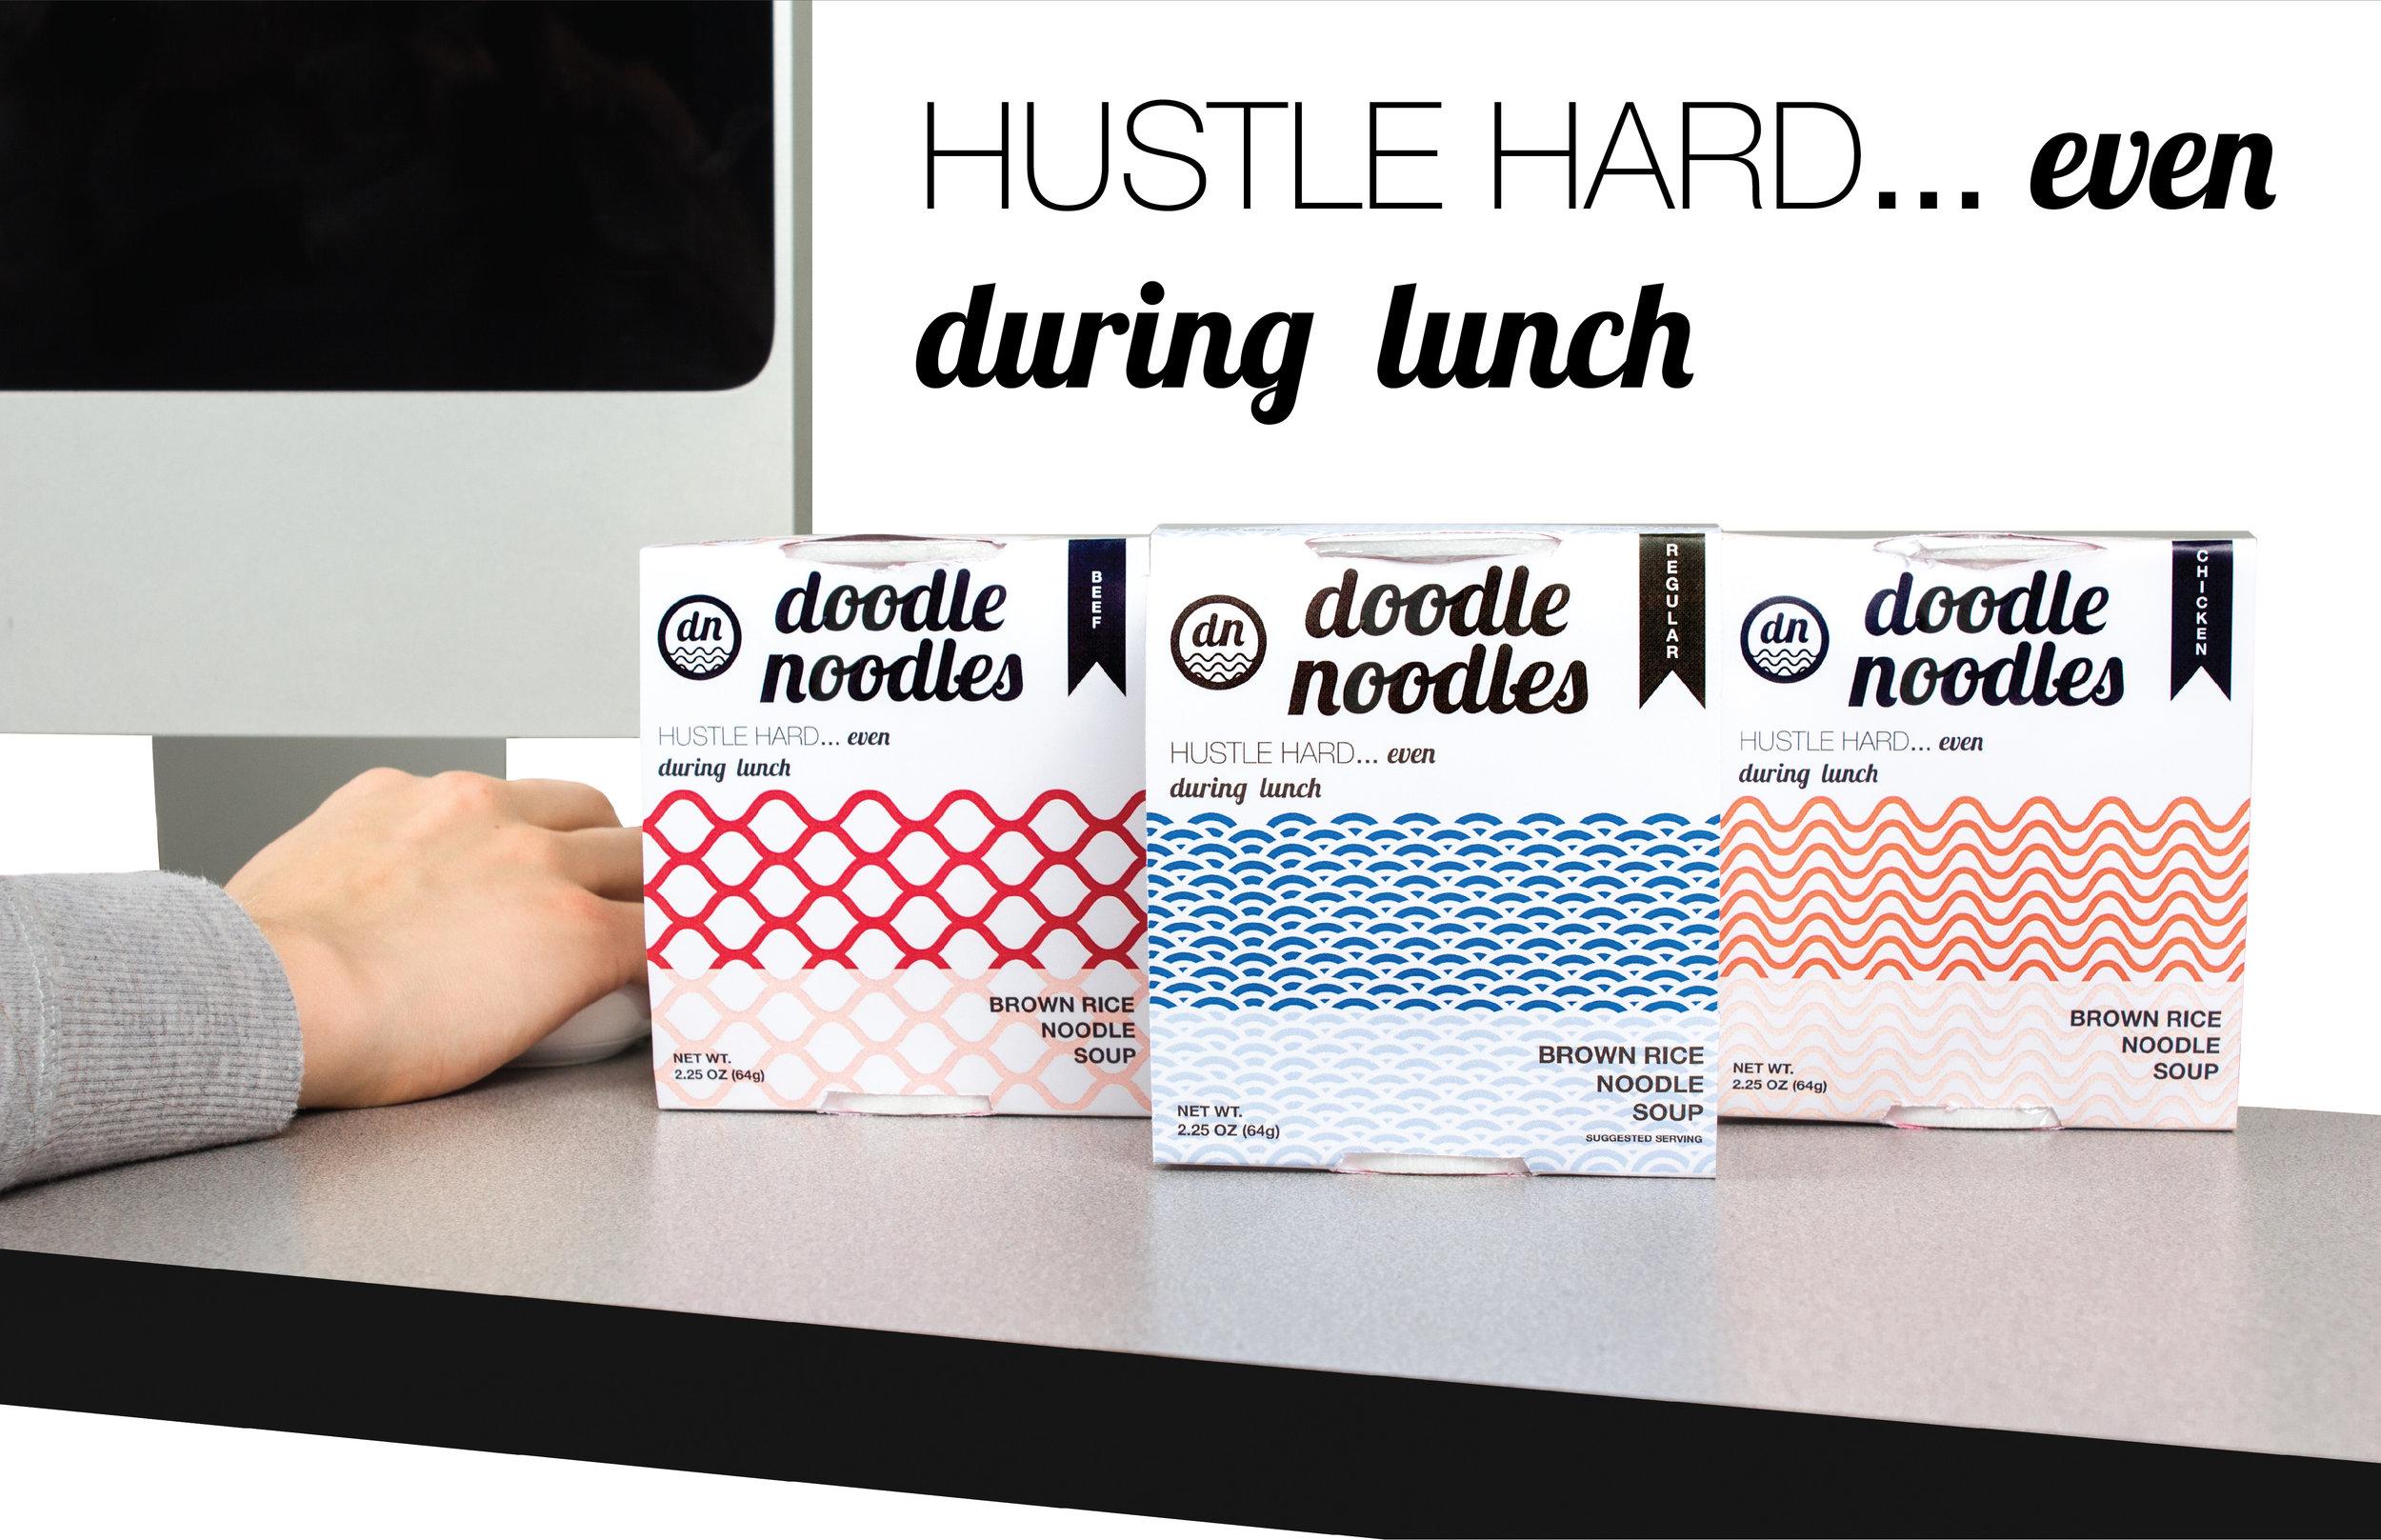 Doodle Noodles Package Design & branding